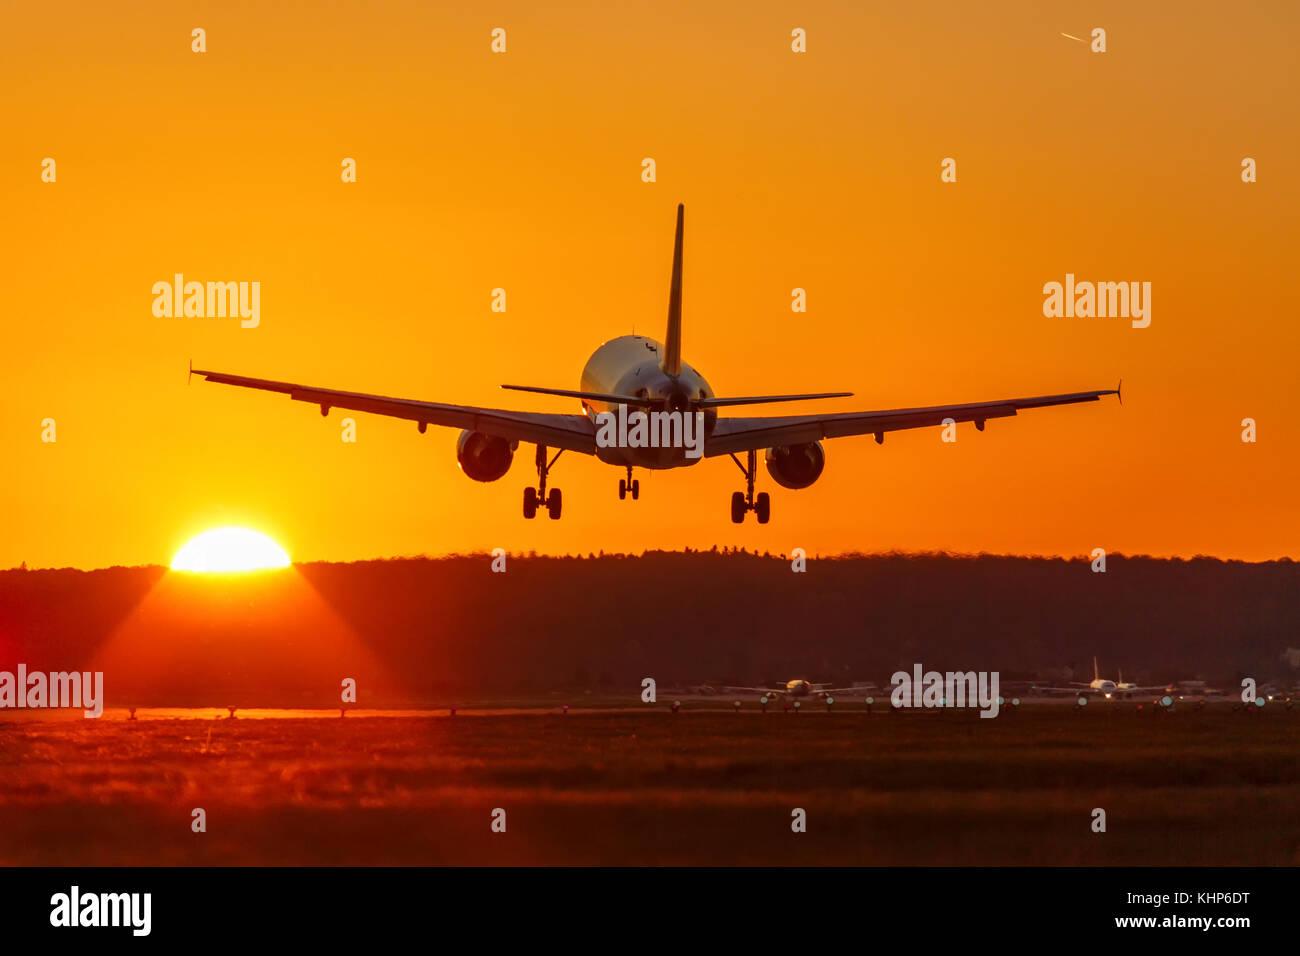 El aterrizaje del avión volando airport sun sunset las vacaciones viajar viajar avión aviones Imagen De Stock